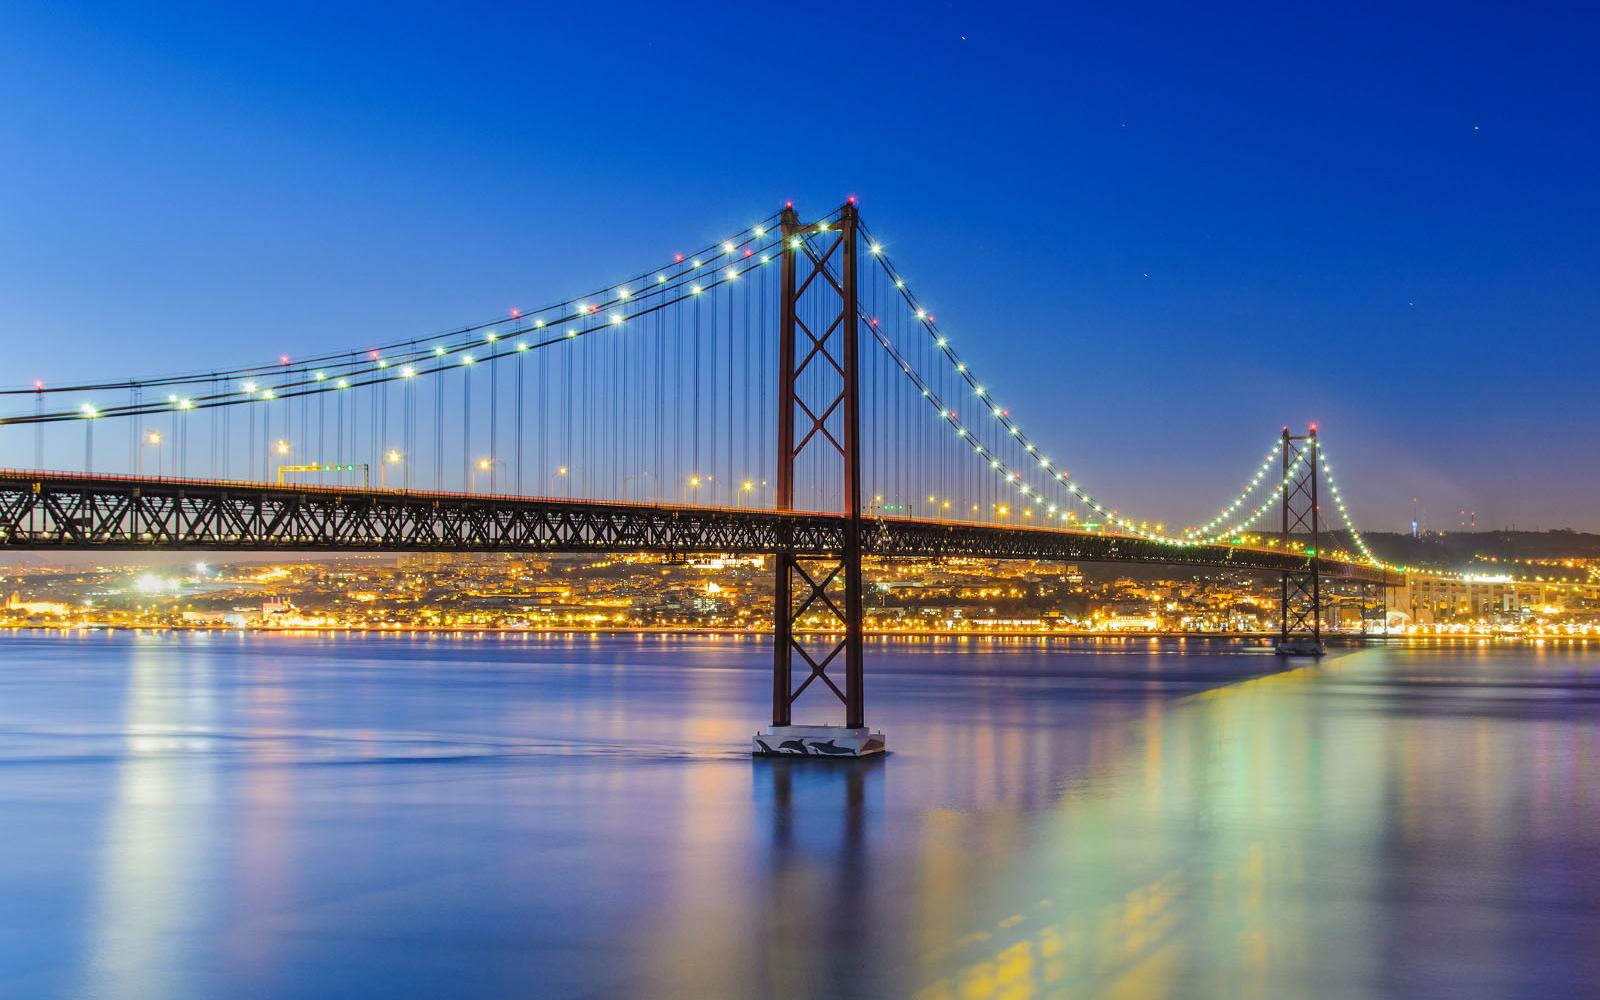 Viaje a lisboa en el puente de diciembre desde galicia for Puente de diciembre 2017